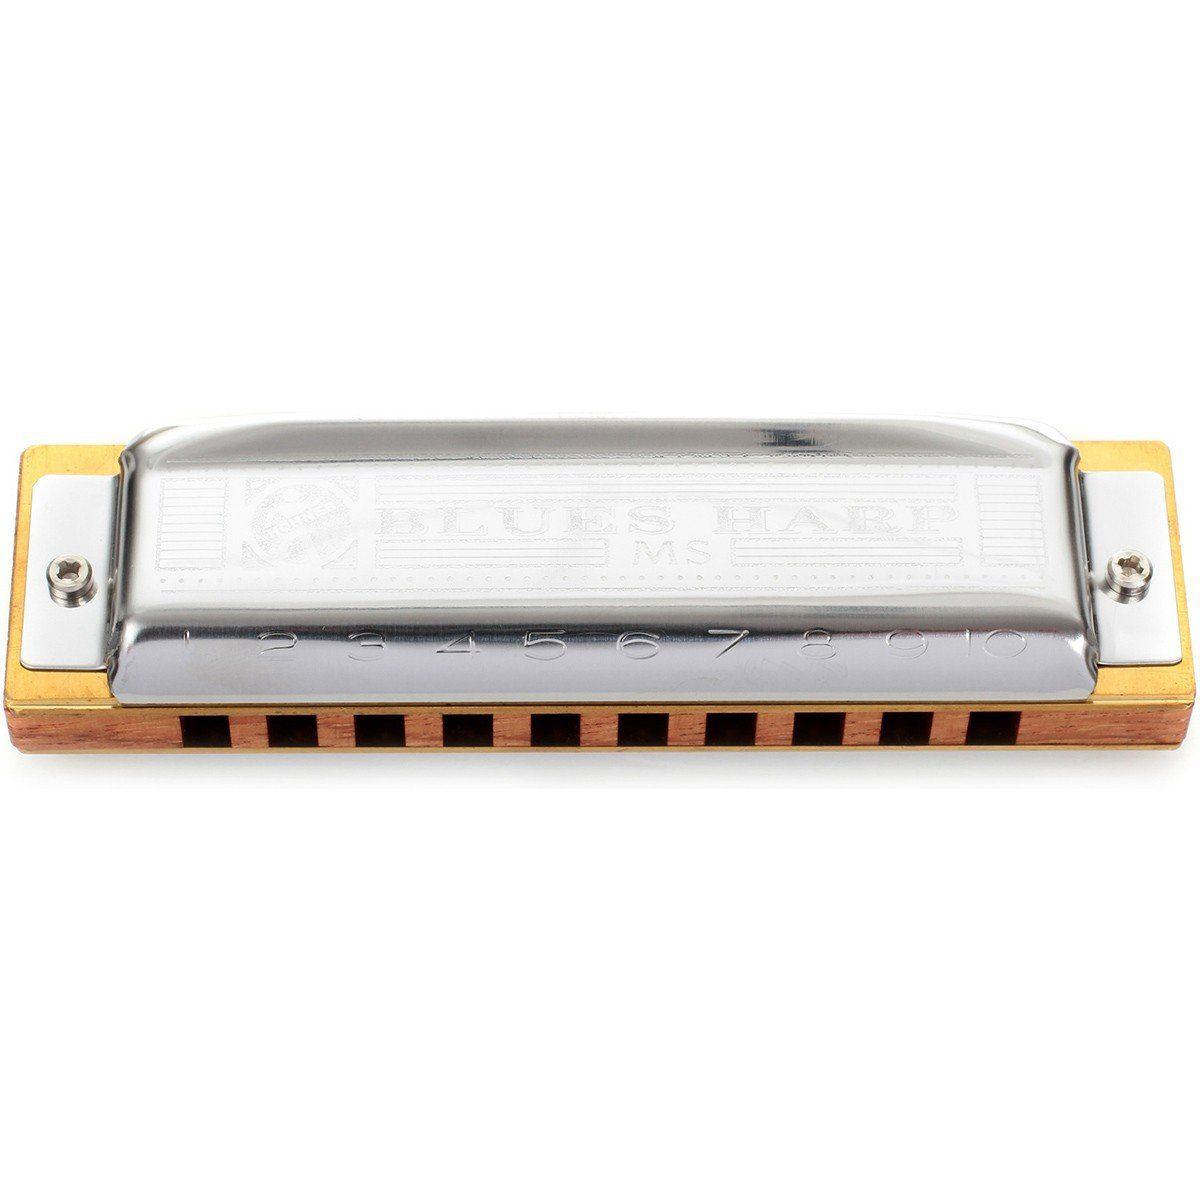 Hohner Blues Harp 532/20 Ms Gaita Harmônica Ideal para Iniciantes e Intermediários